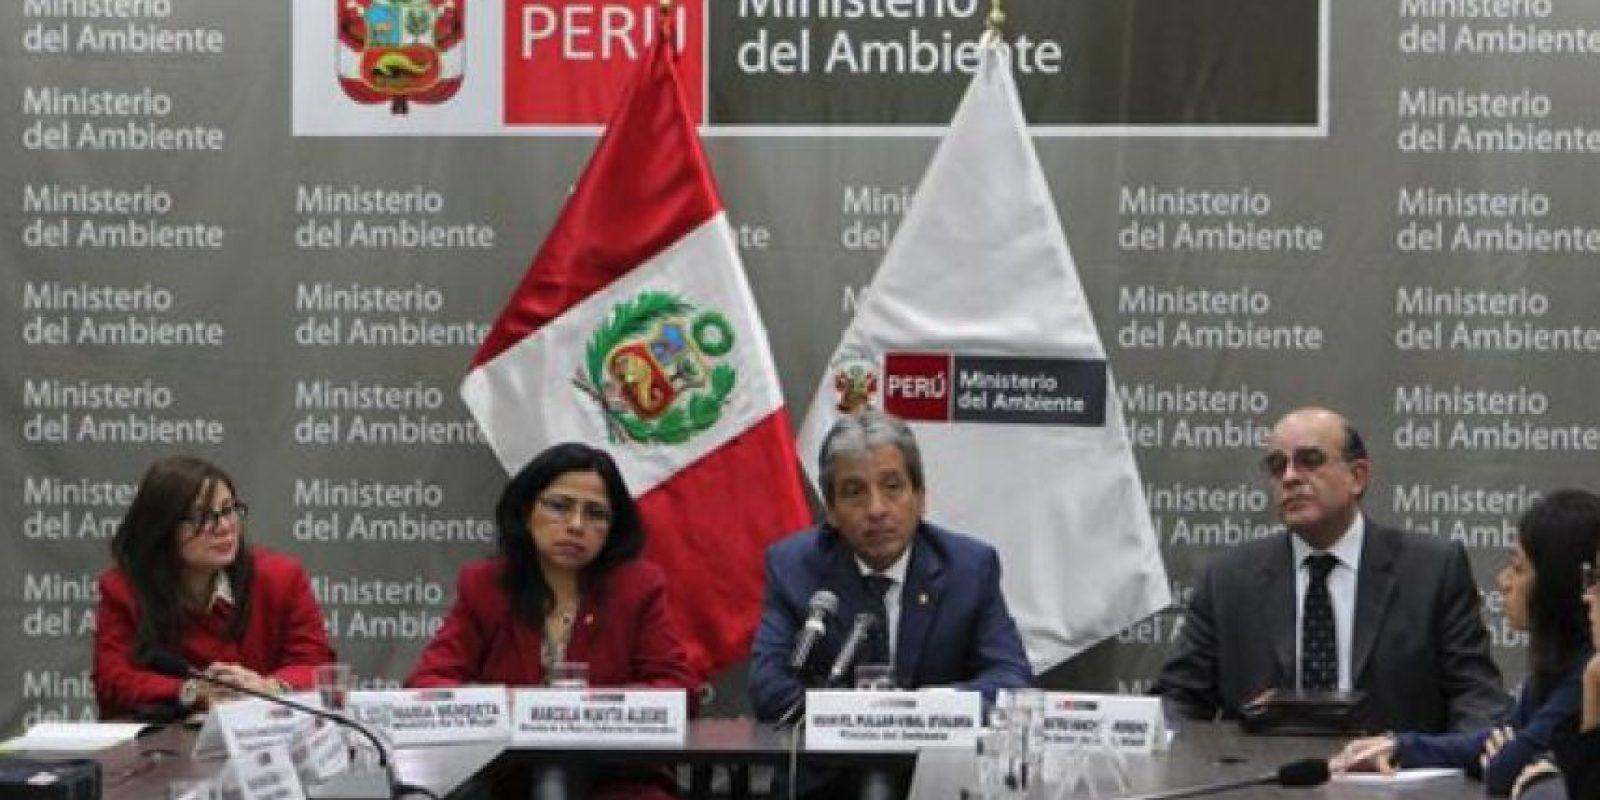 Foto:Vía Twitter.com/manupulgarvidal